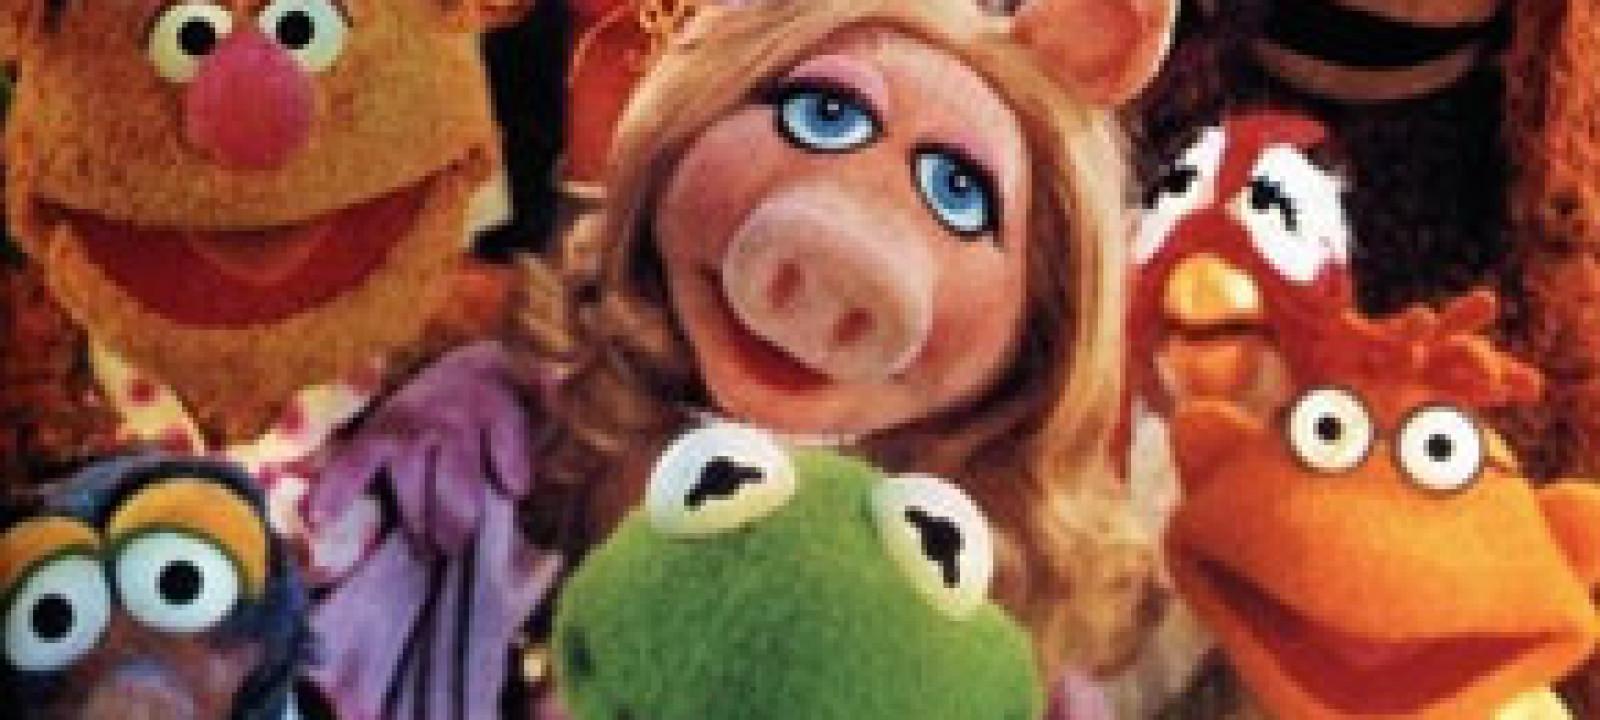 290x200_muppets